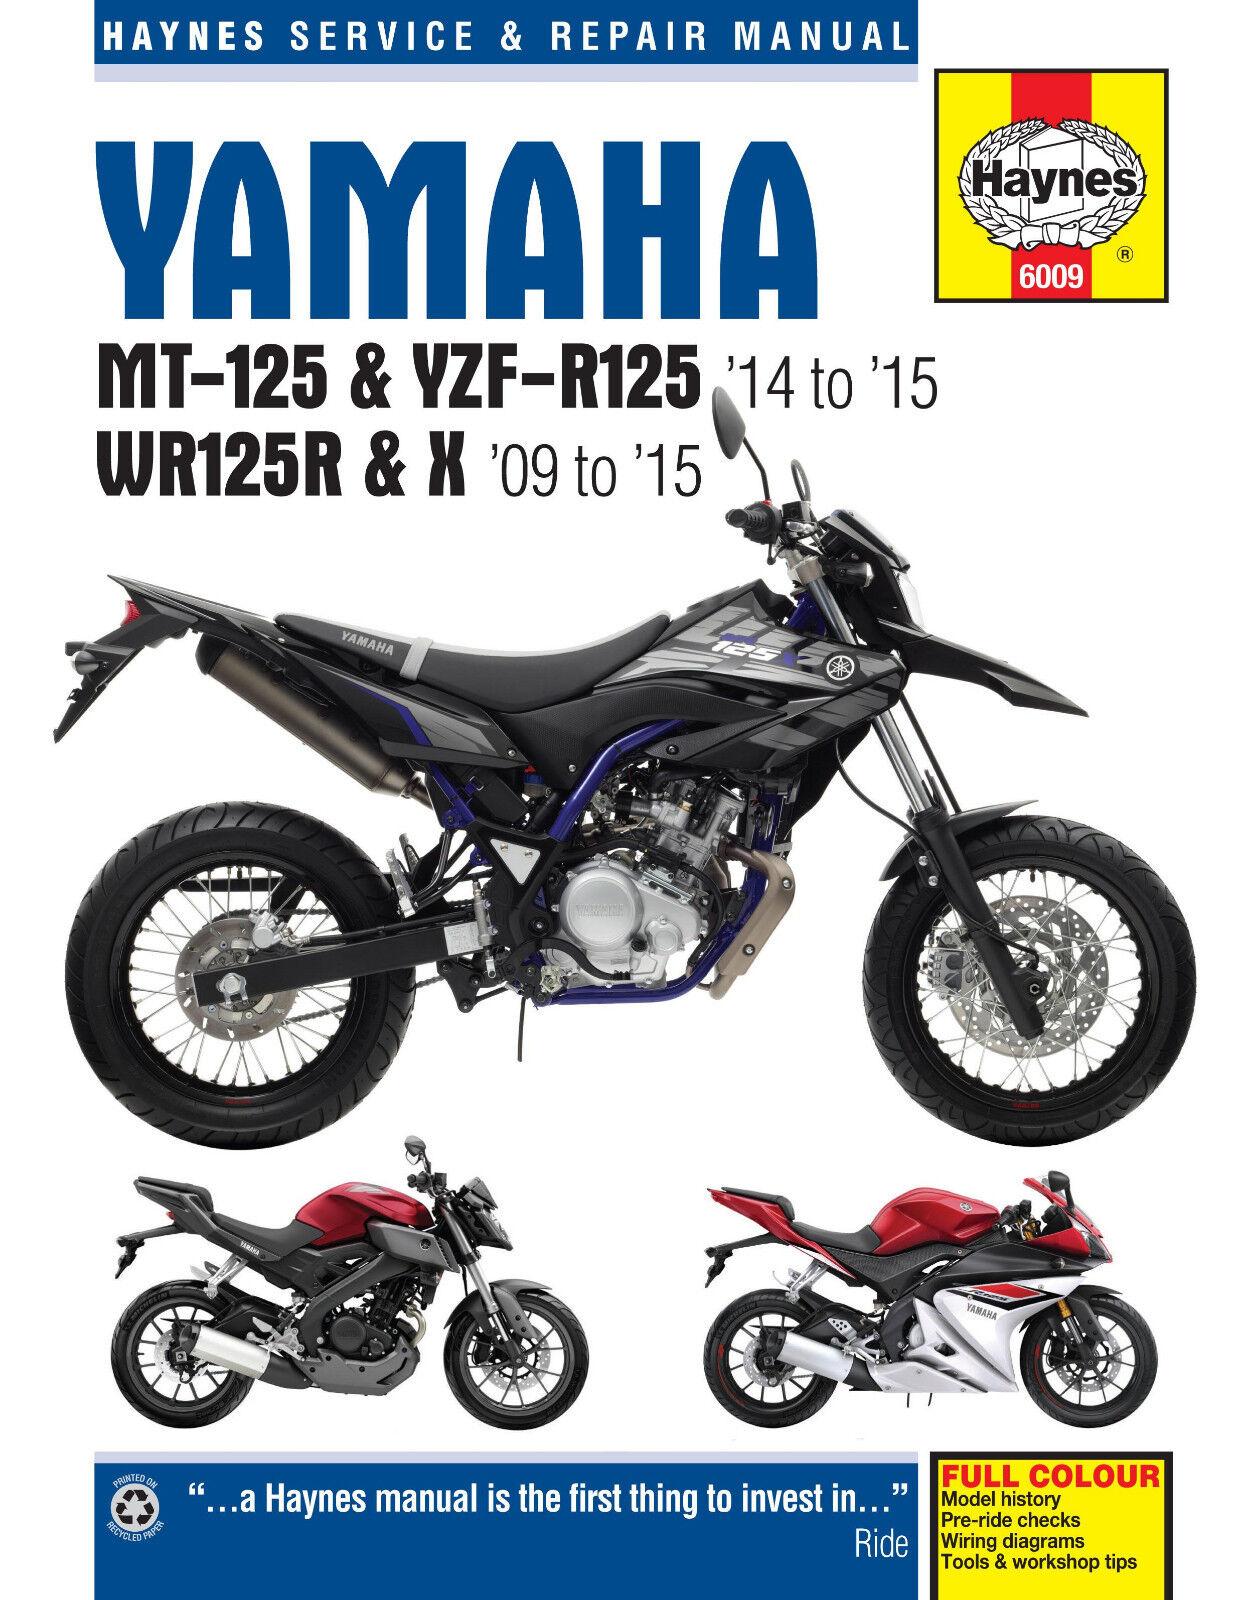 HAYNES 6009 MANUAL YAMAHA MT-125 YZF-R125 (2014 - 15) WR125R WR125X (2009 - 15)